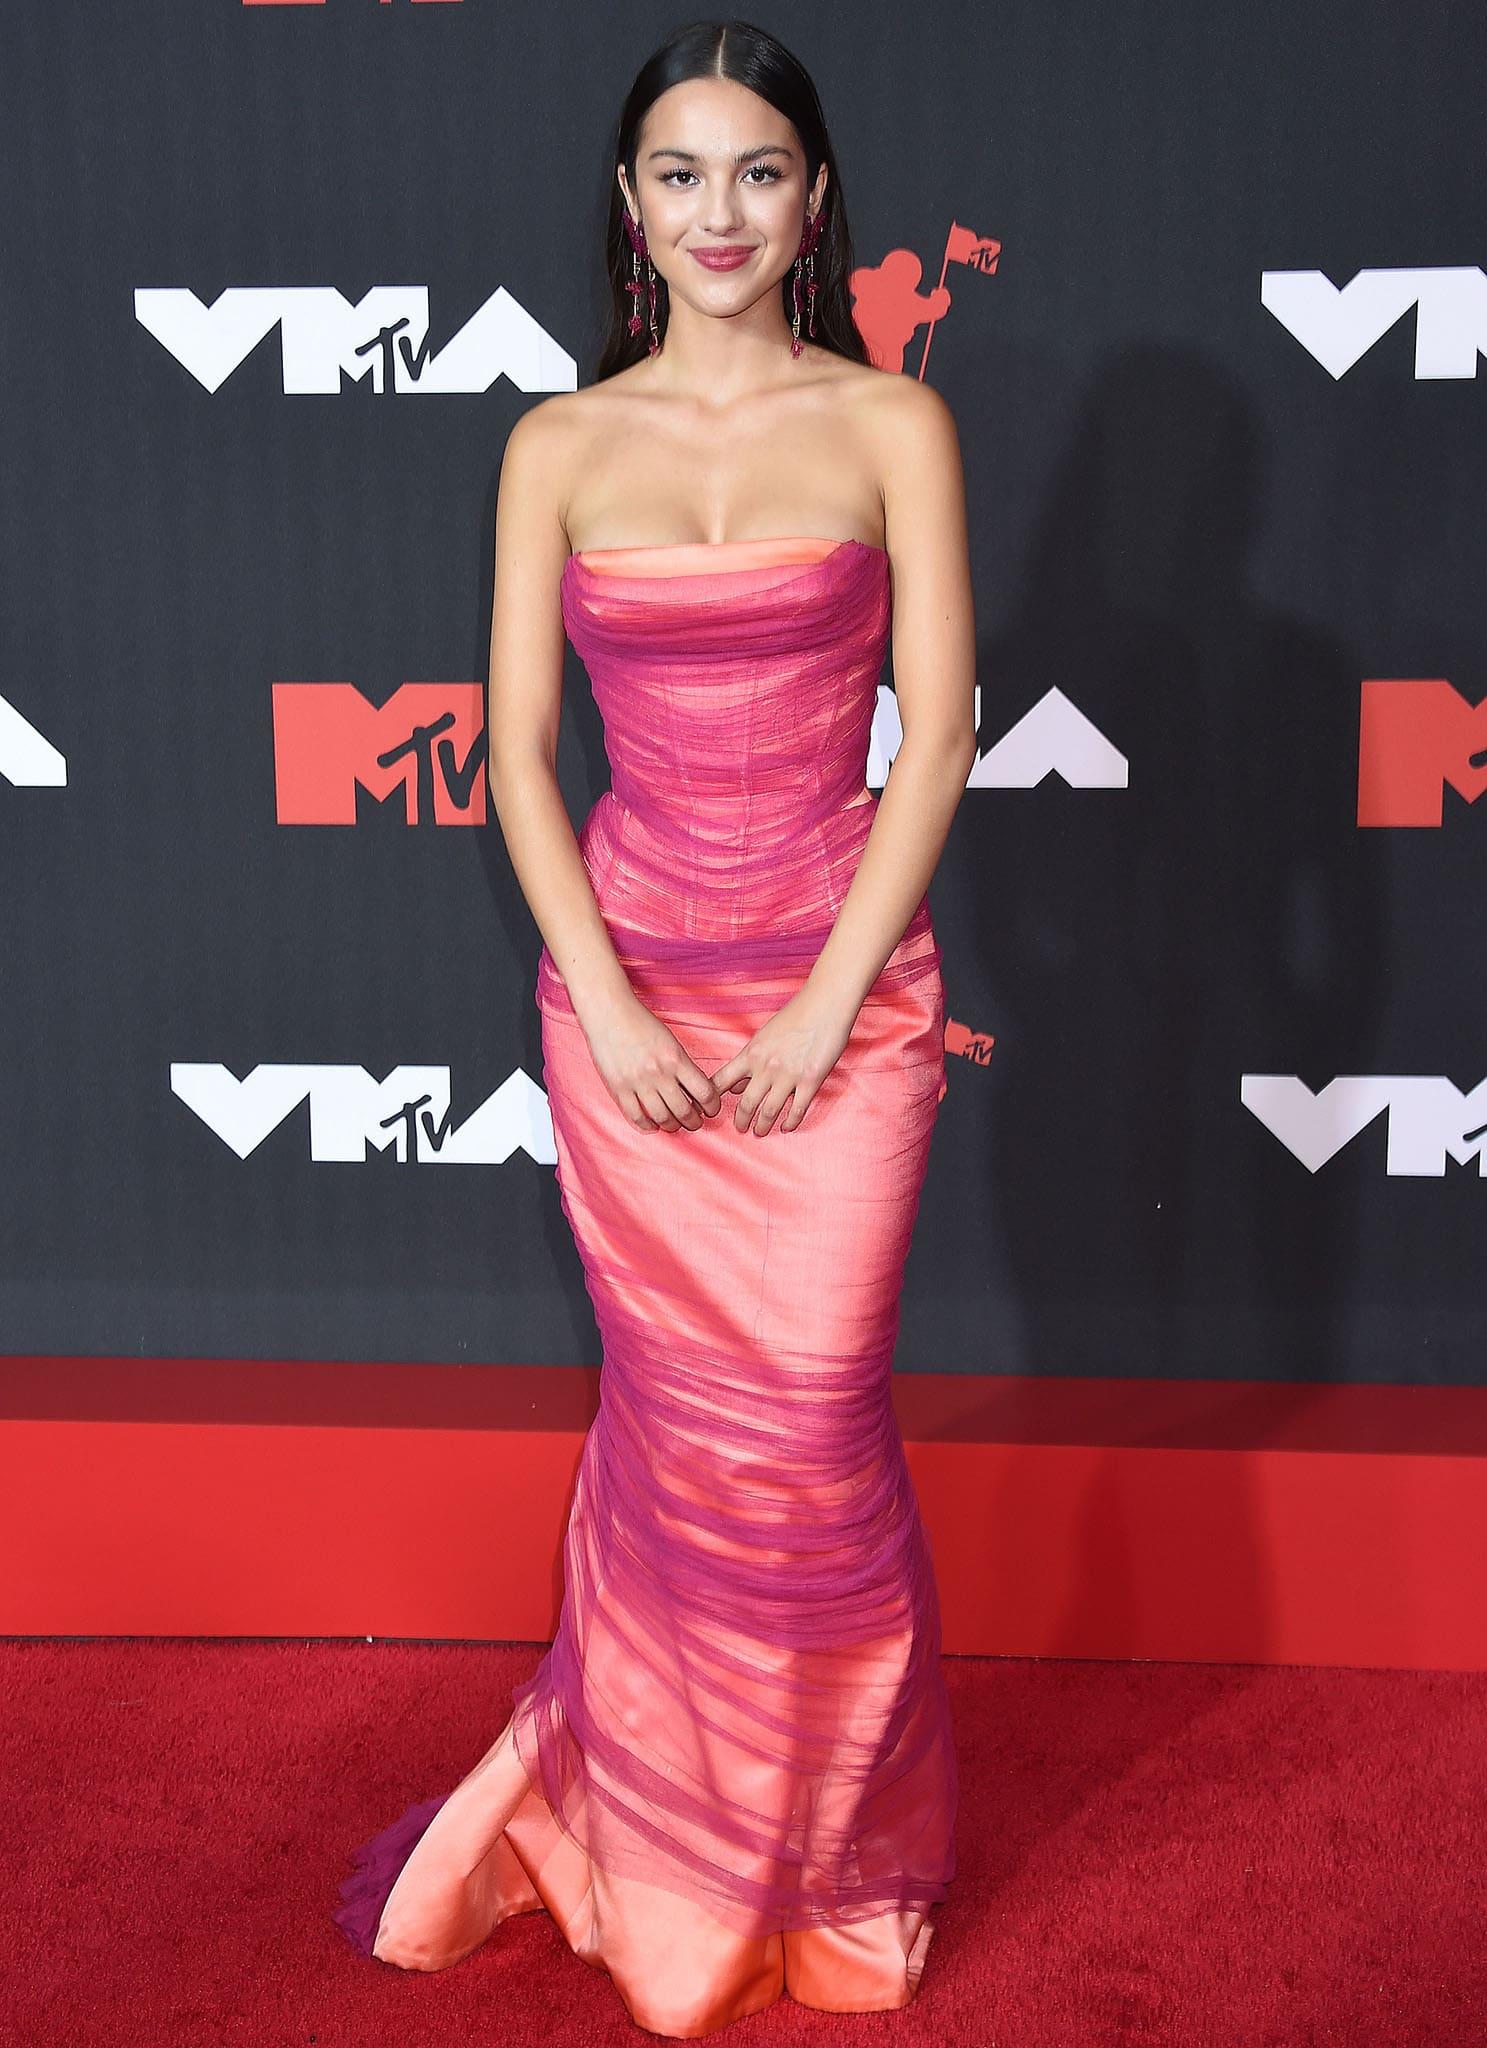 Olivia Rodrigo makes her debut on the 2021 MTV VMAs red carpet on September 12, 2021